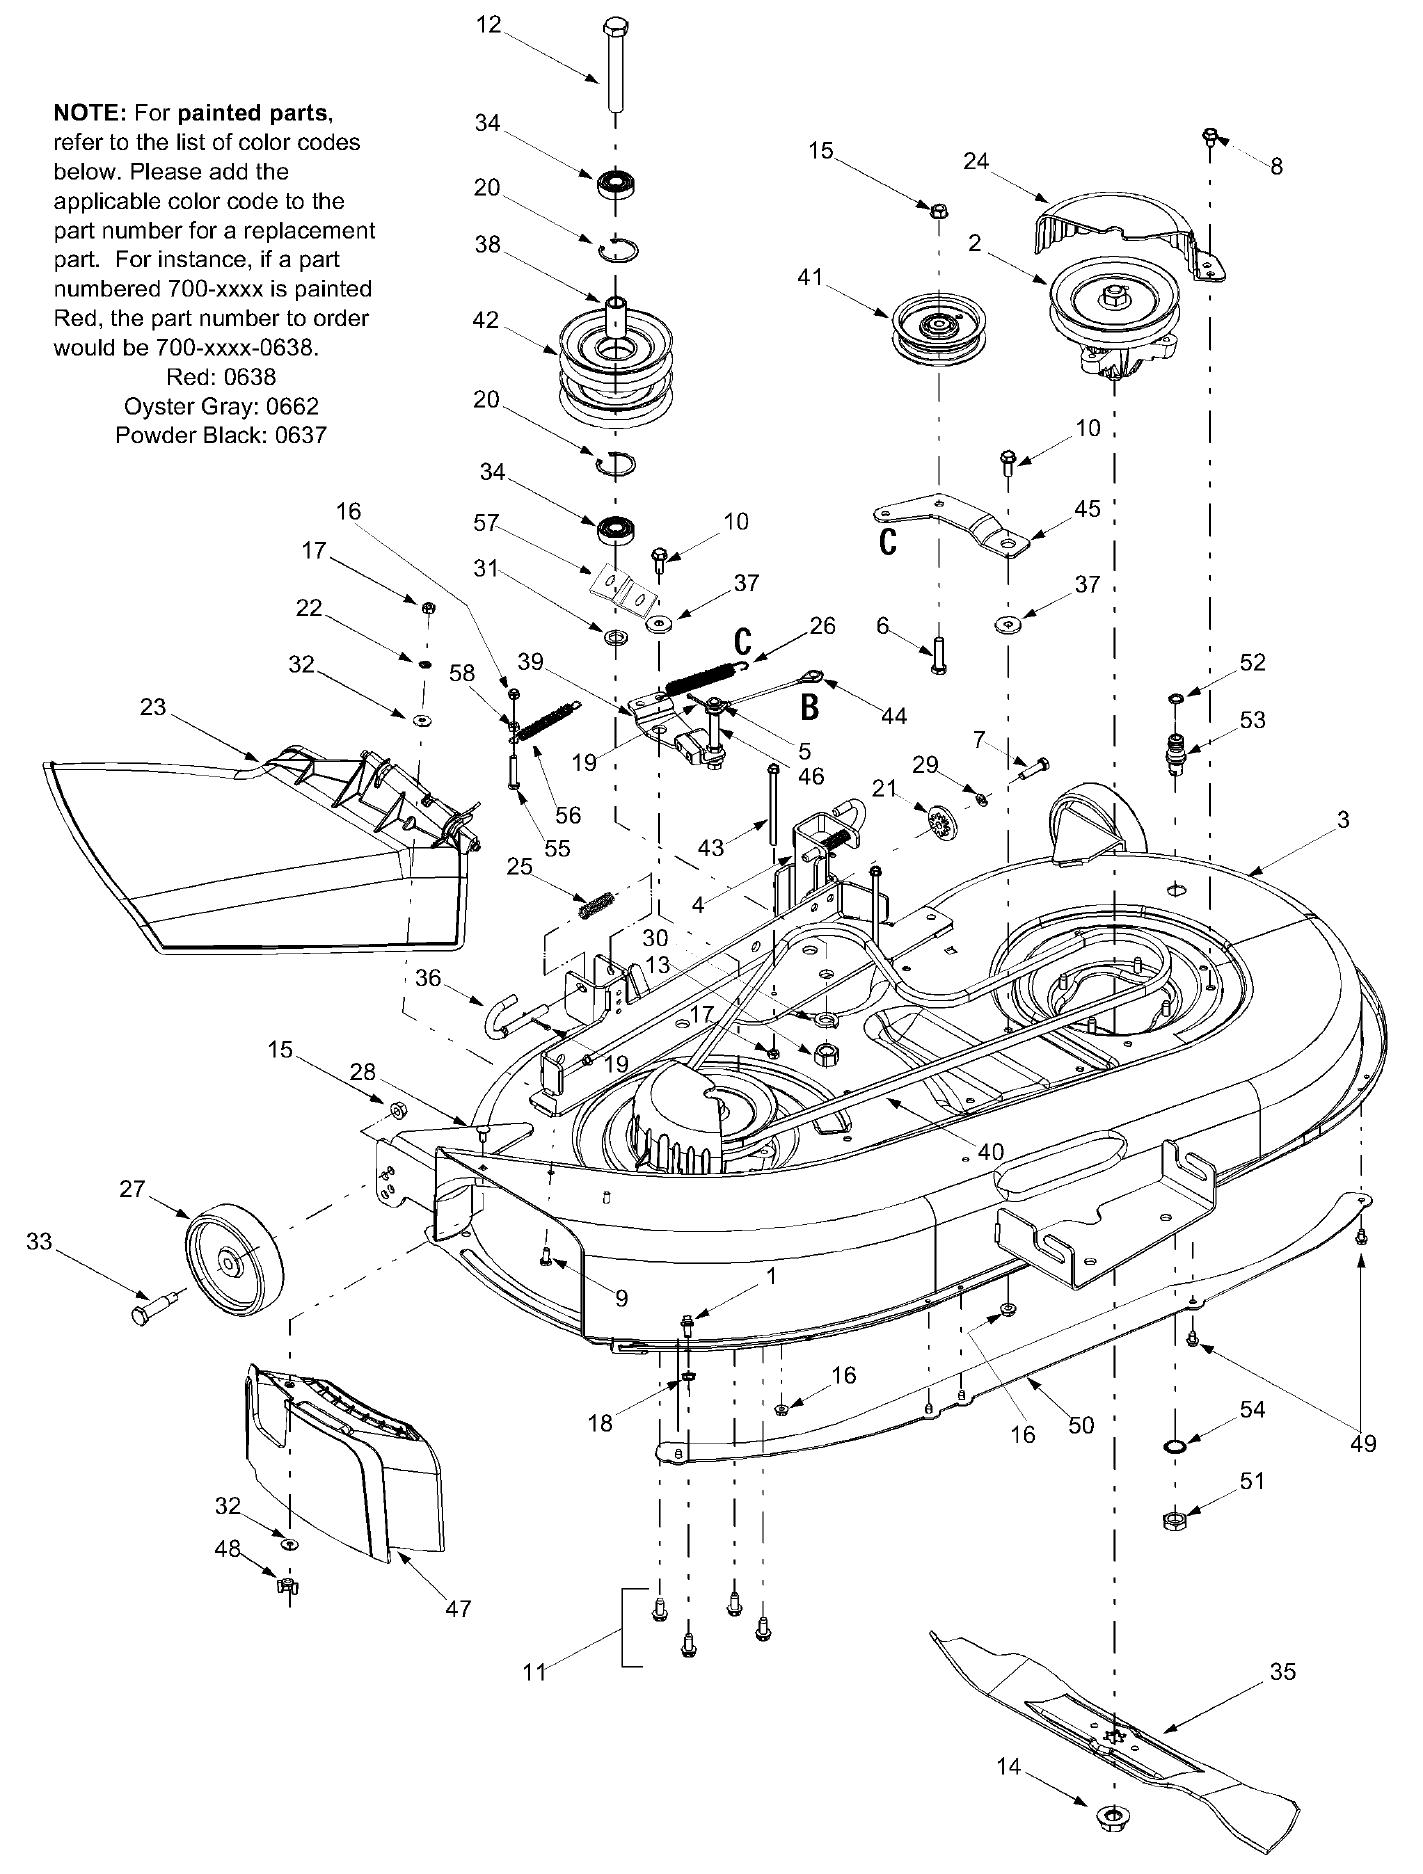 wiring diagram also troy bilt riding mower  wiring  get